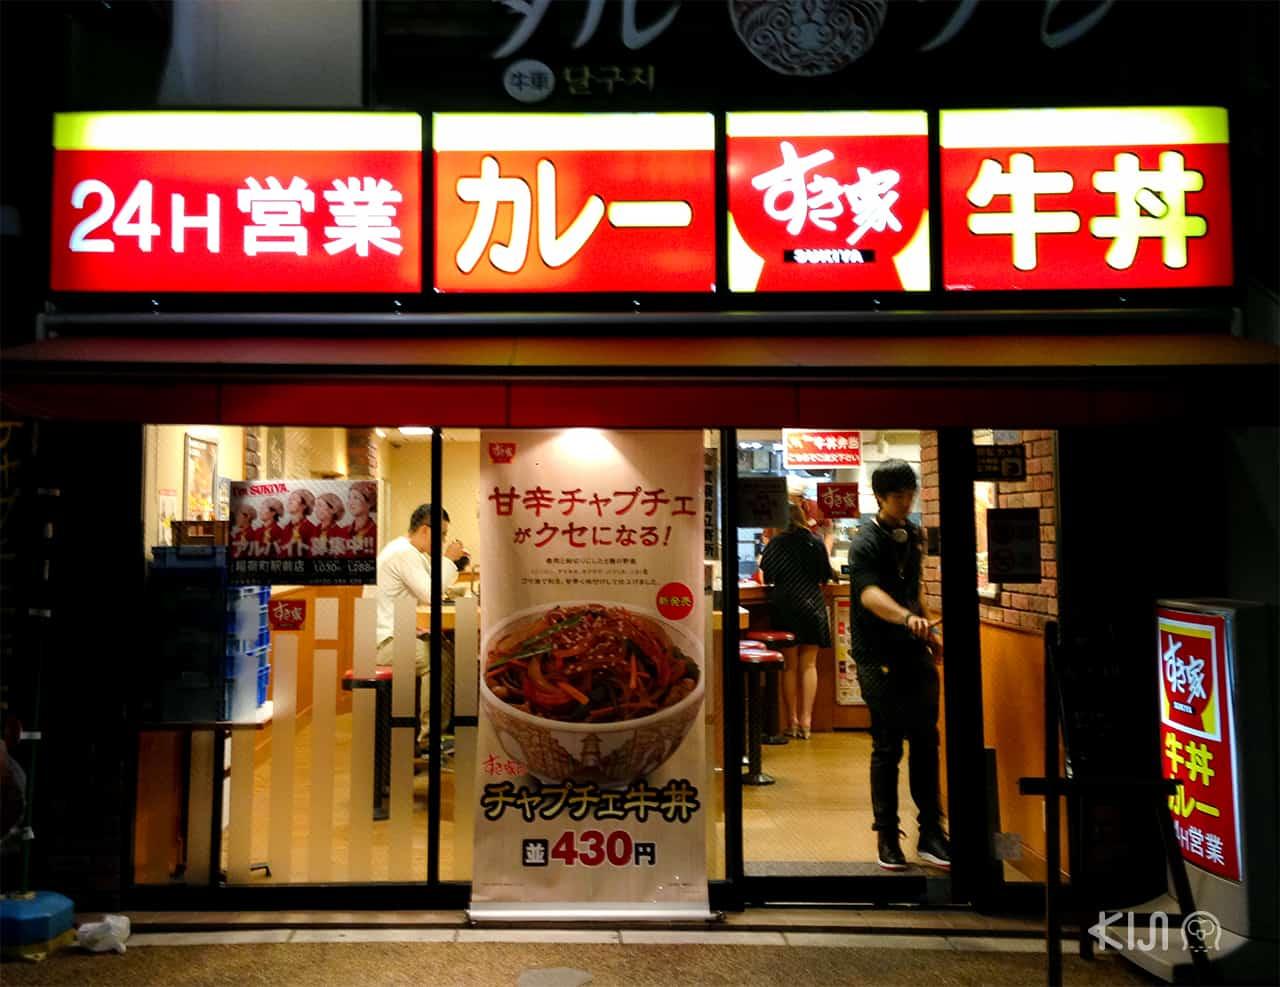 Fast Food Chains in Japan : เชนฟาสต์ฟู้ดญี่ปุ่น